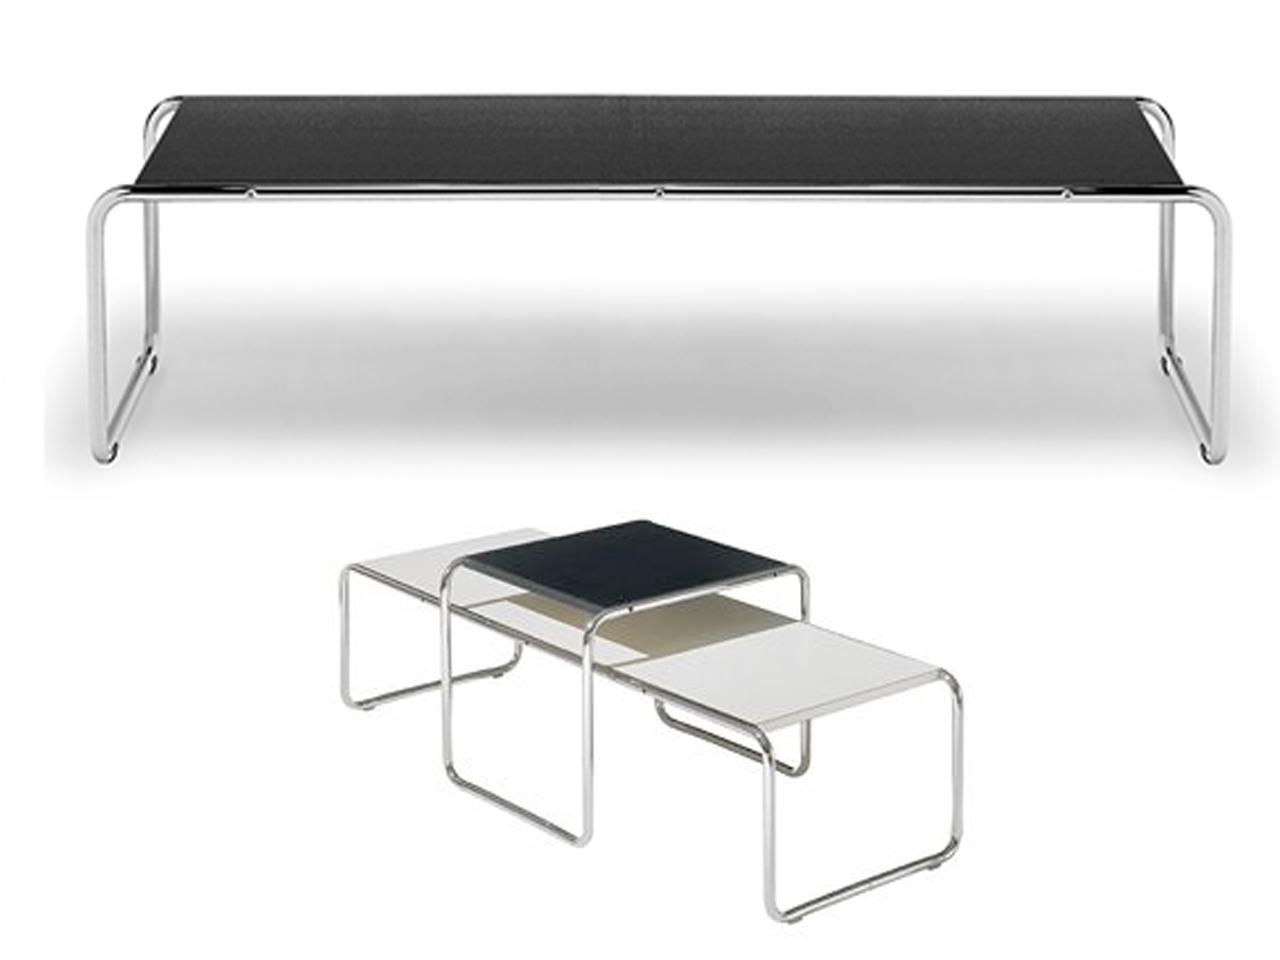 Los 23 Dise Os De La Bauhaus M S Emblem Ticos # Muebles Bauhaus Caracteristicas